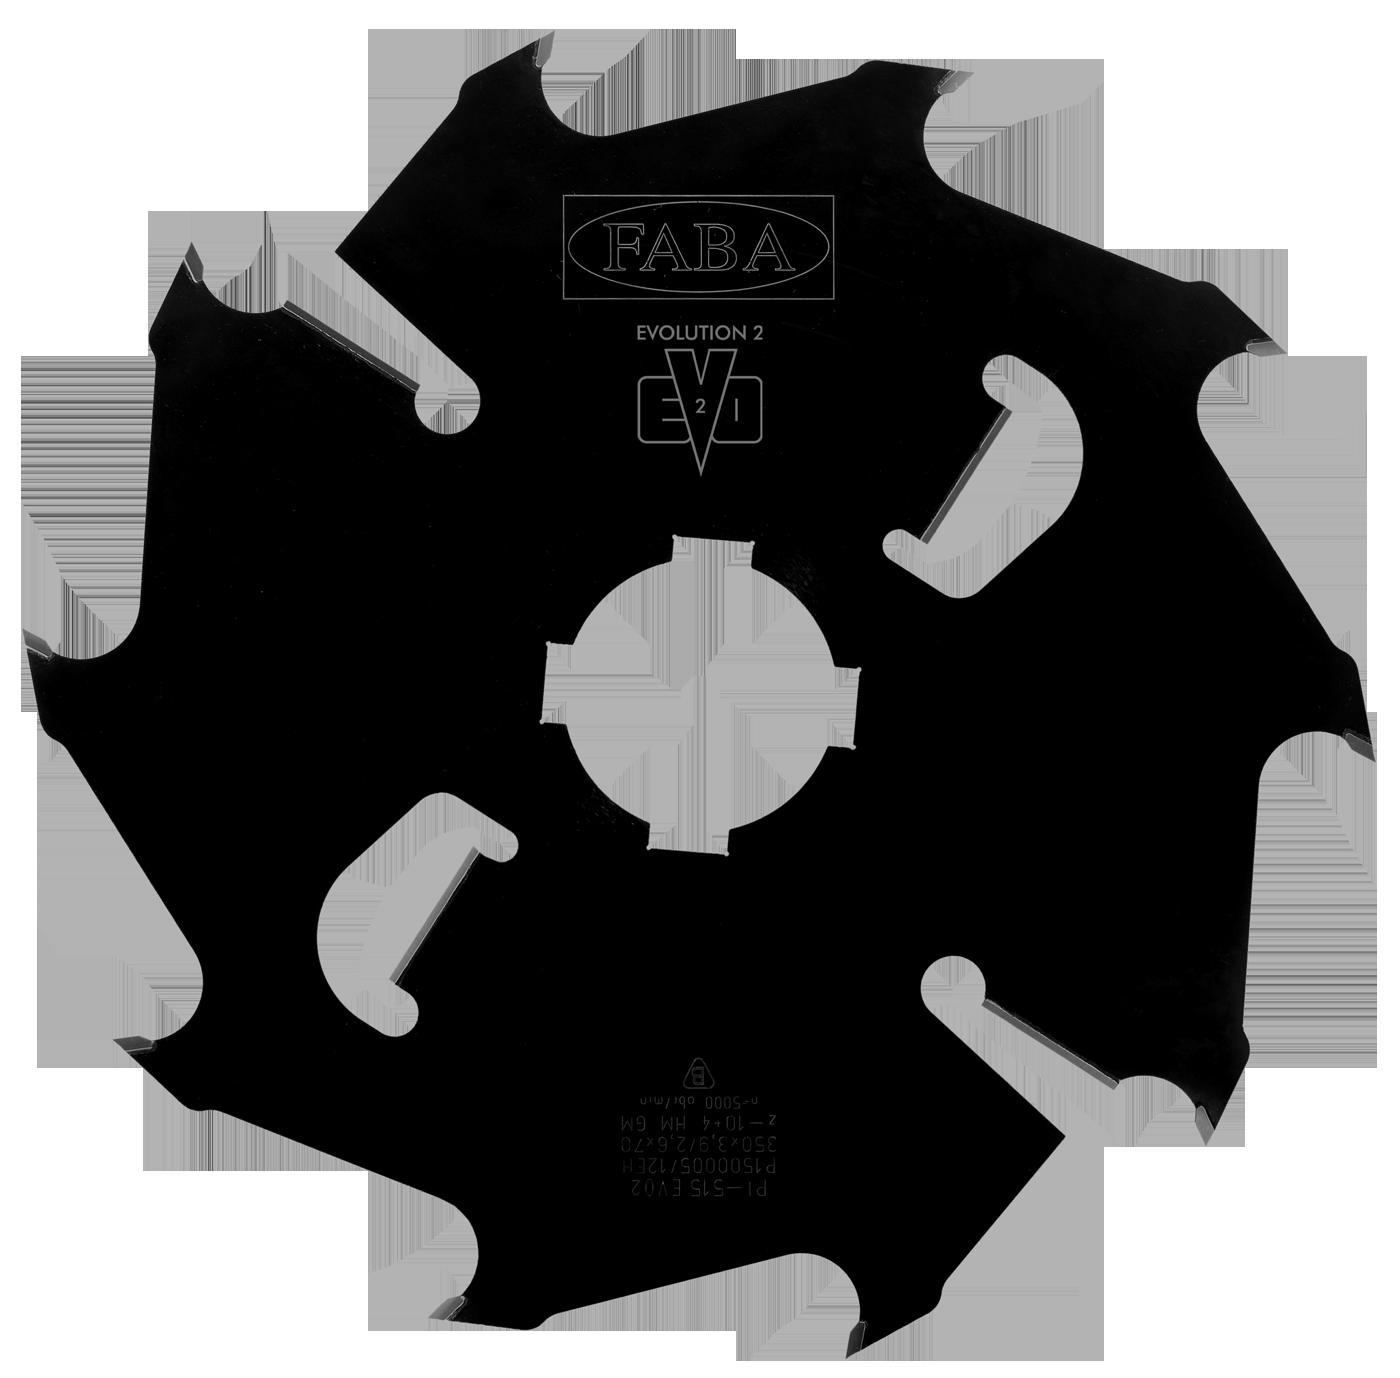 W celu prowadzenia ciągłej kontroli nad wyrobami firma zdecydowała się nie stosować podwykonawstwa detali, tylko zainwestować we własny park technologiczny i wykwalifikowanych pracowników. Fot. FABA